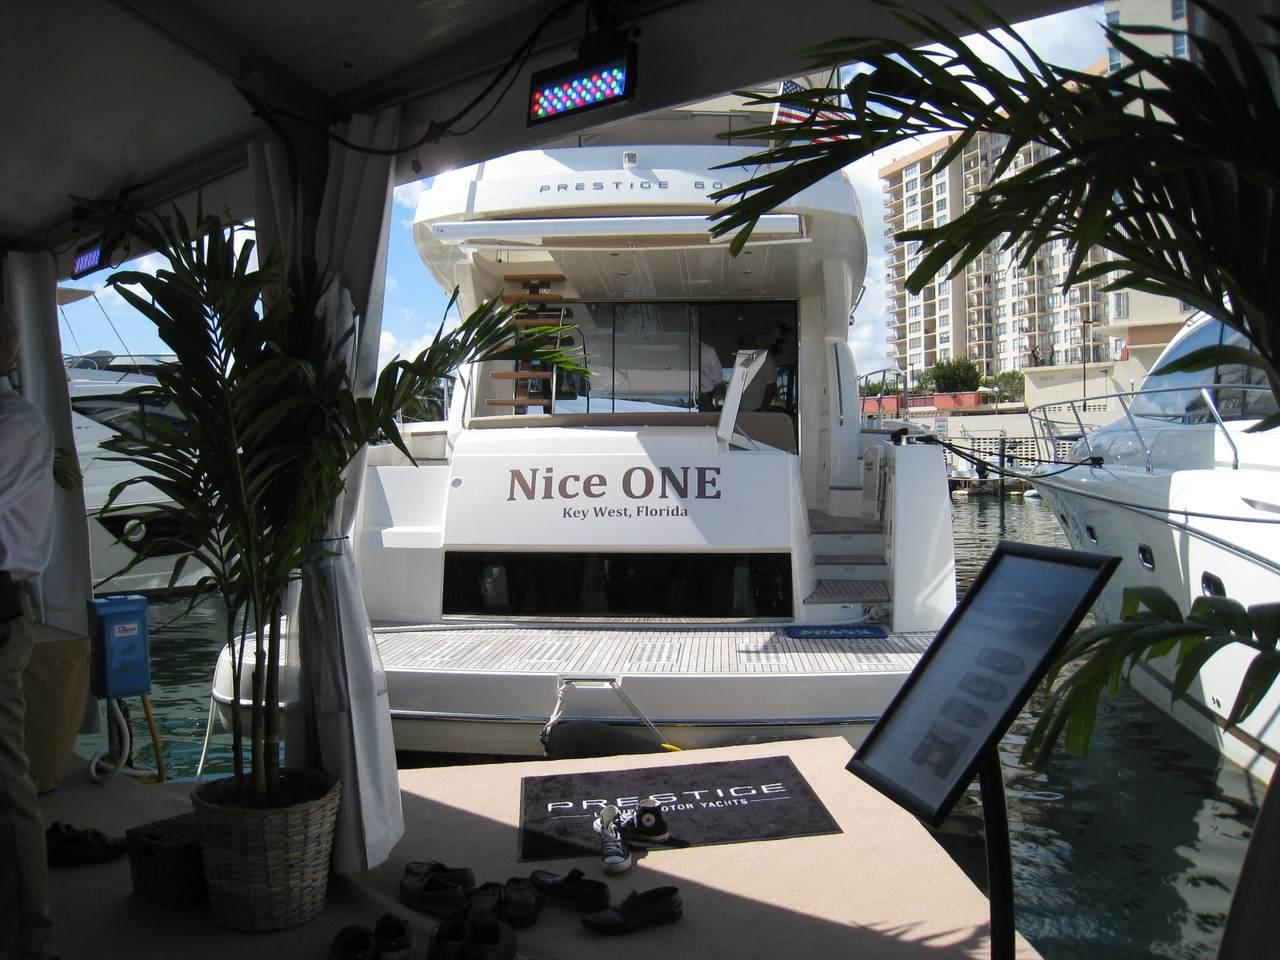 Prestige in Miami boatshow 2